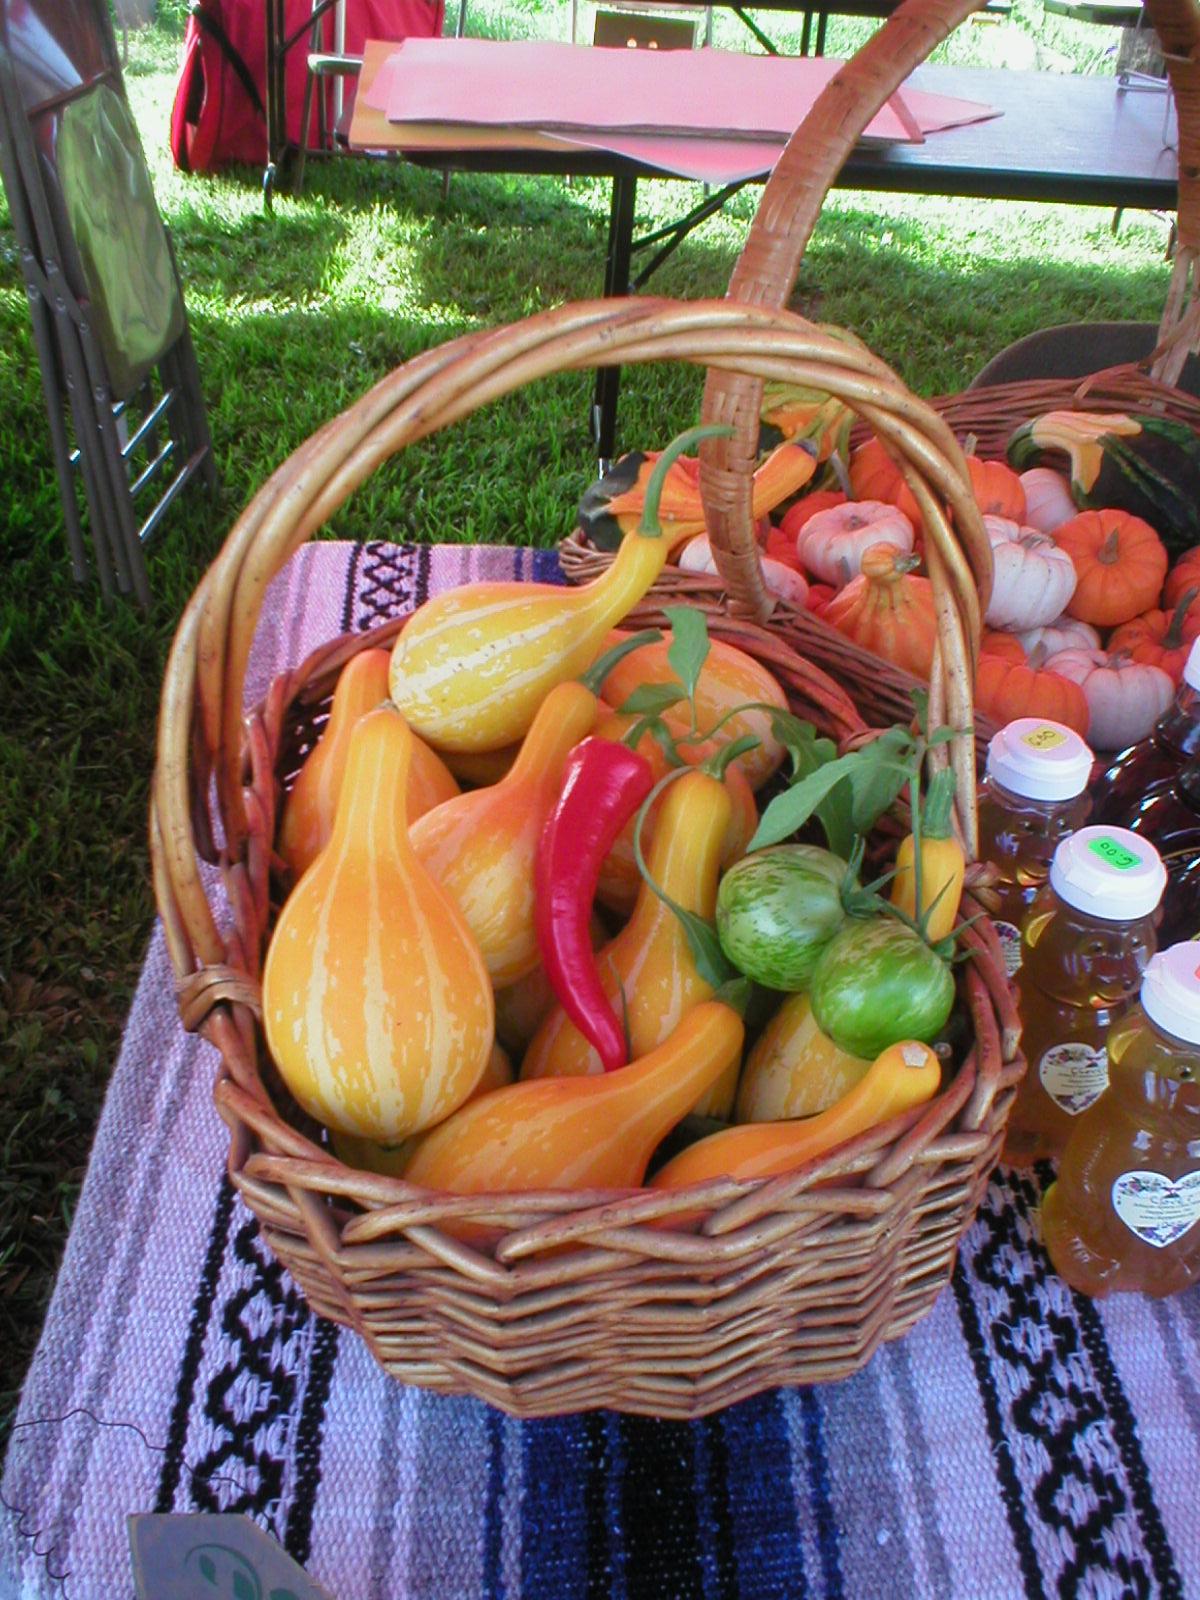 Basket of abundance